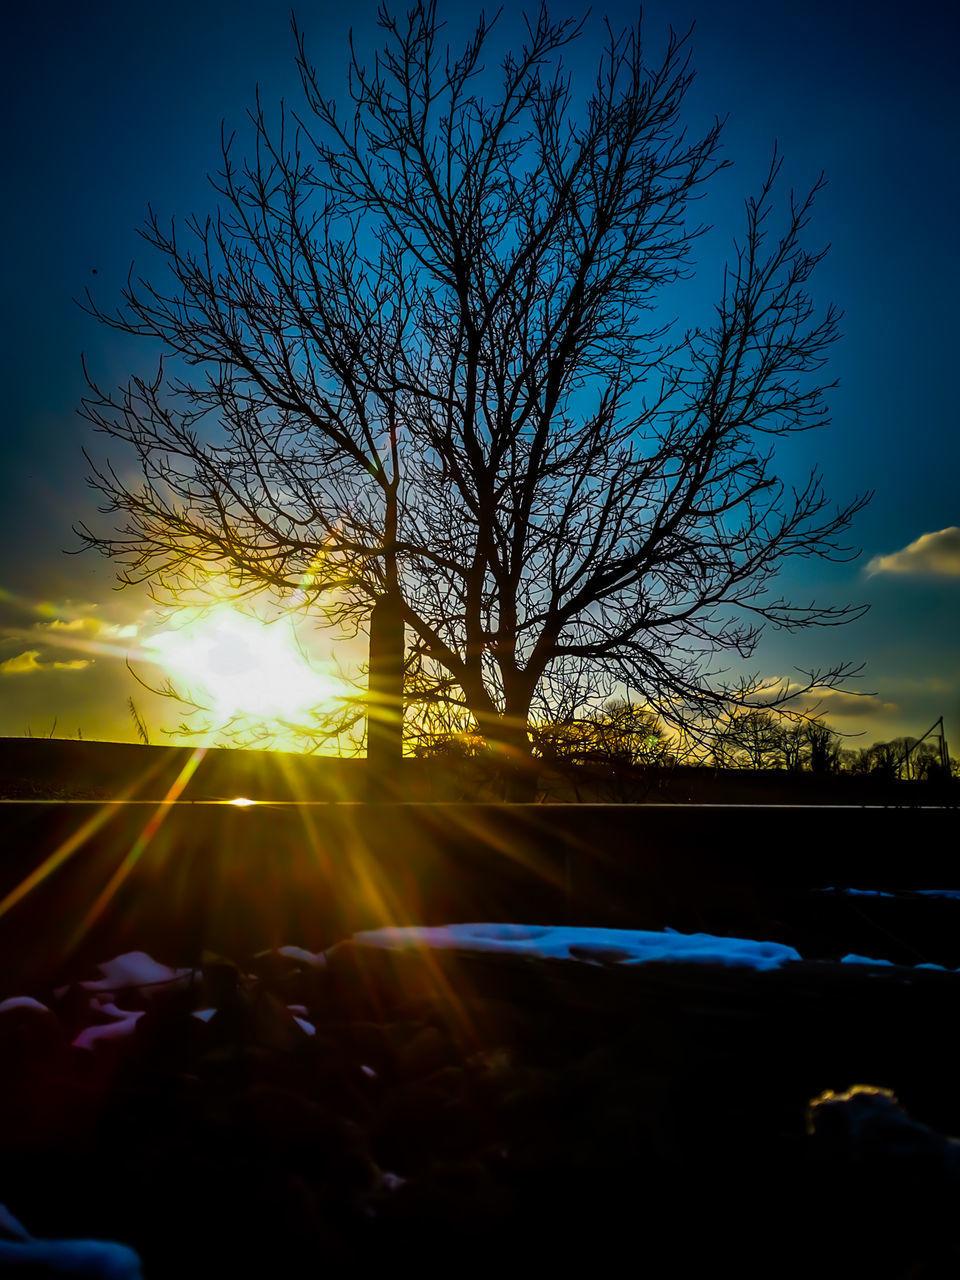 SILHOUETTE BARE TREE AGAINST BRIGHT SUN